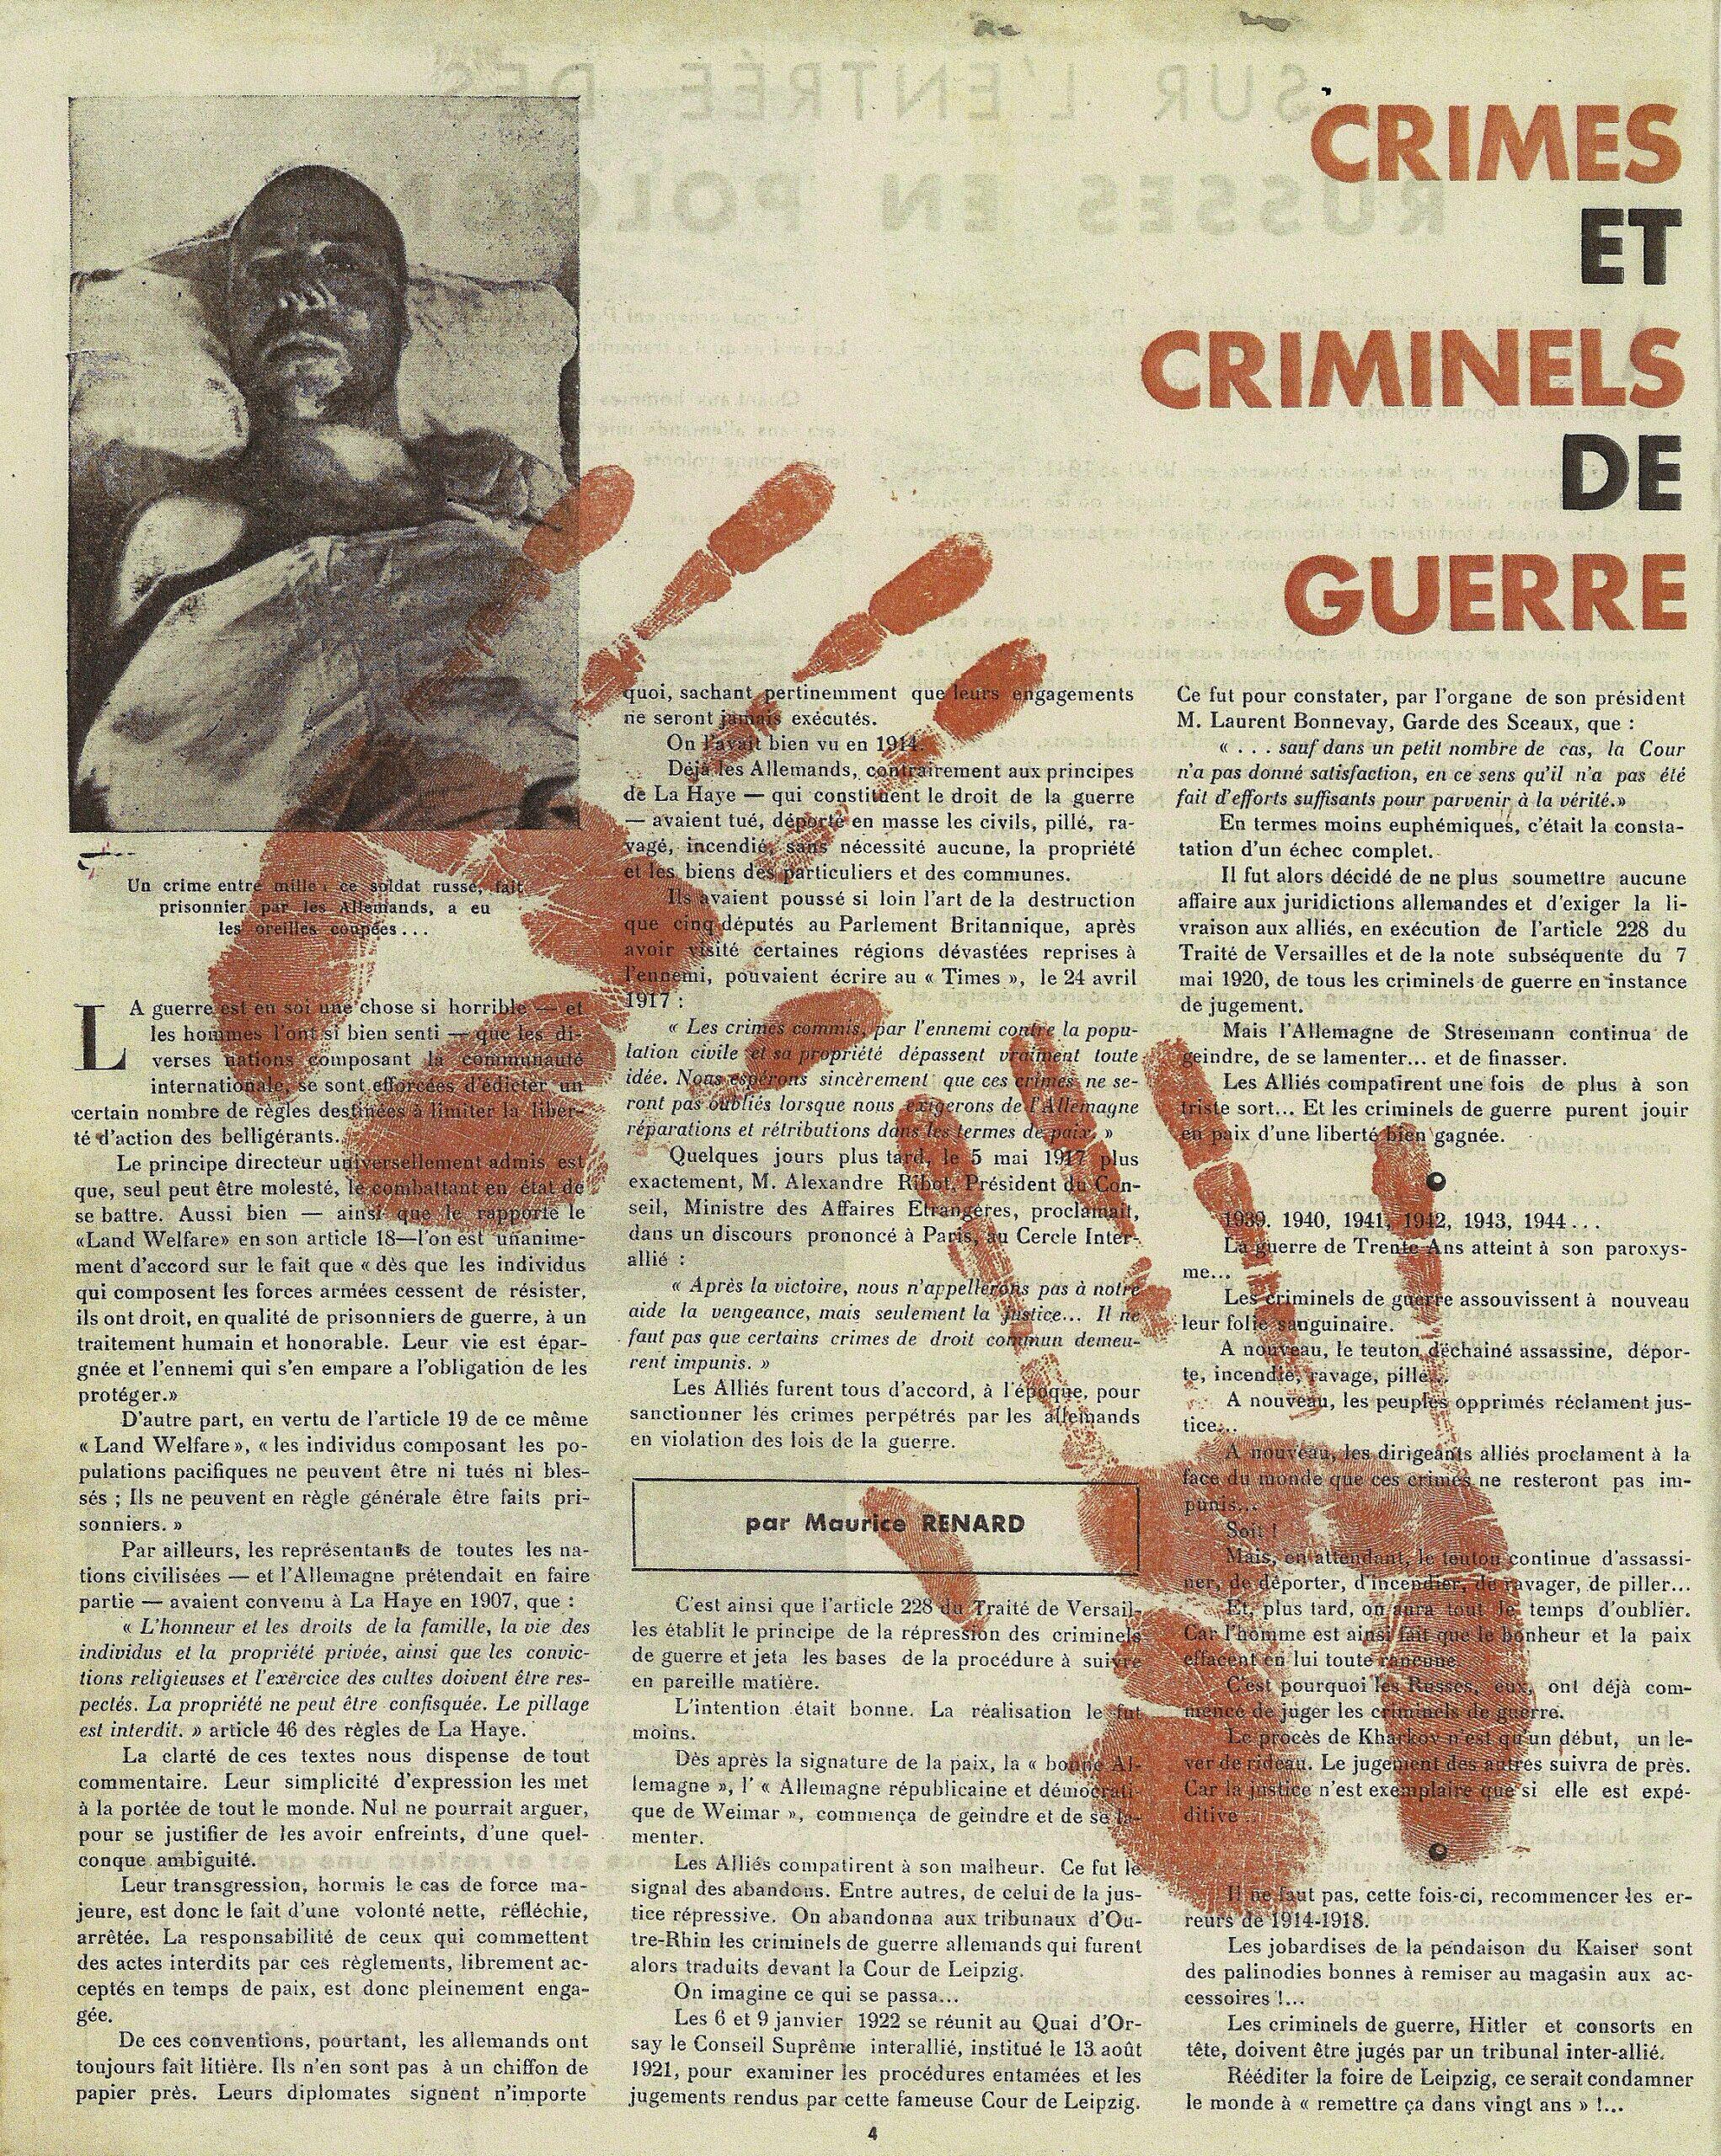 Crimes et criminels de guerre